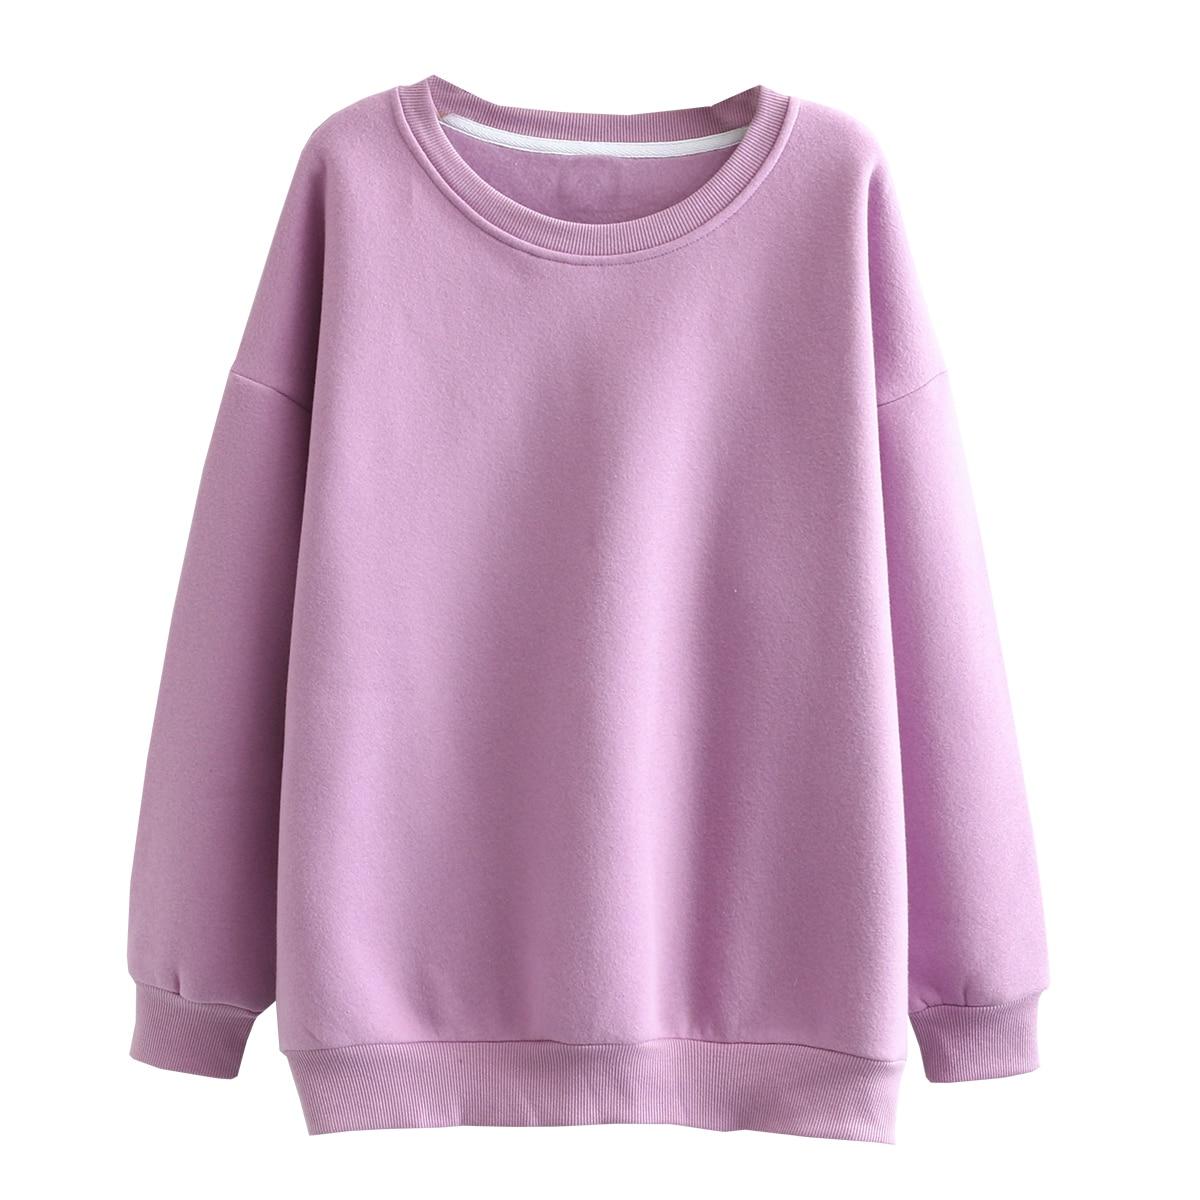 6L20-purple